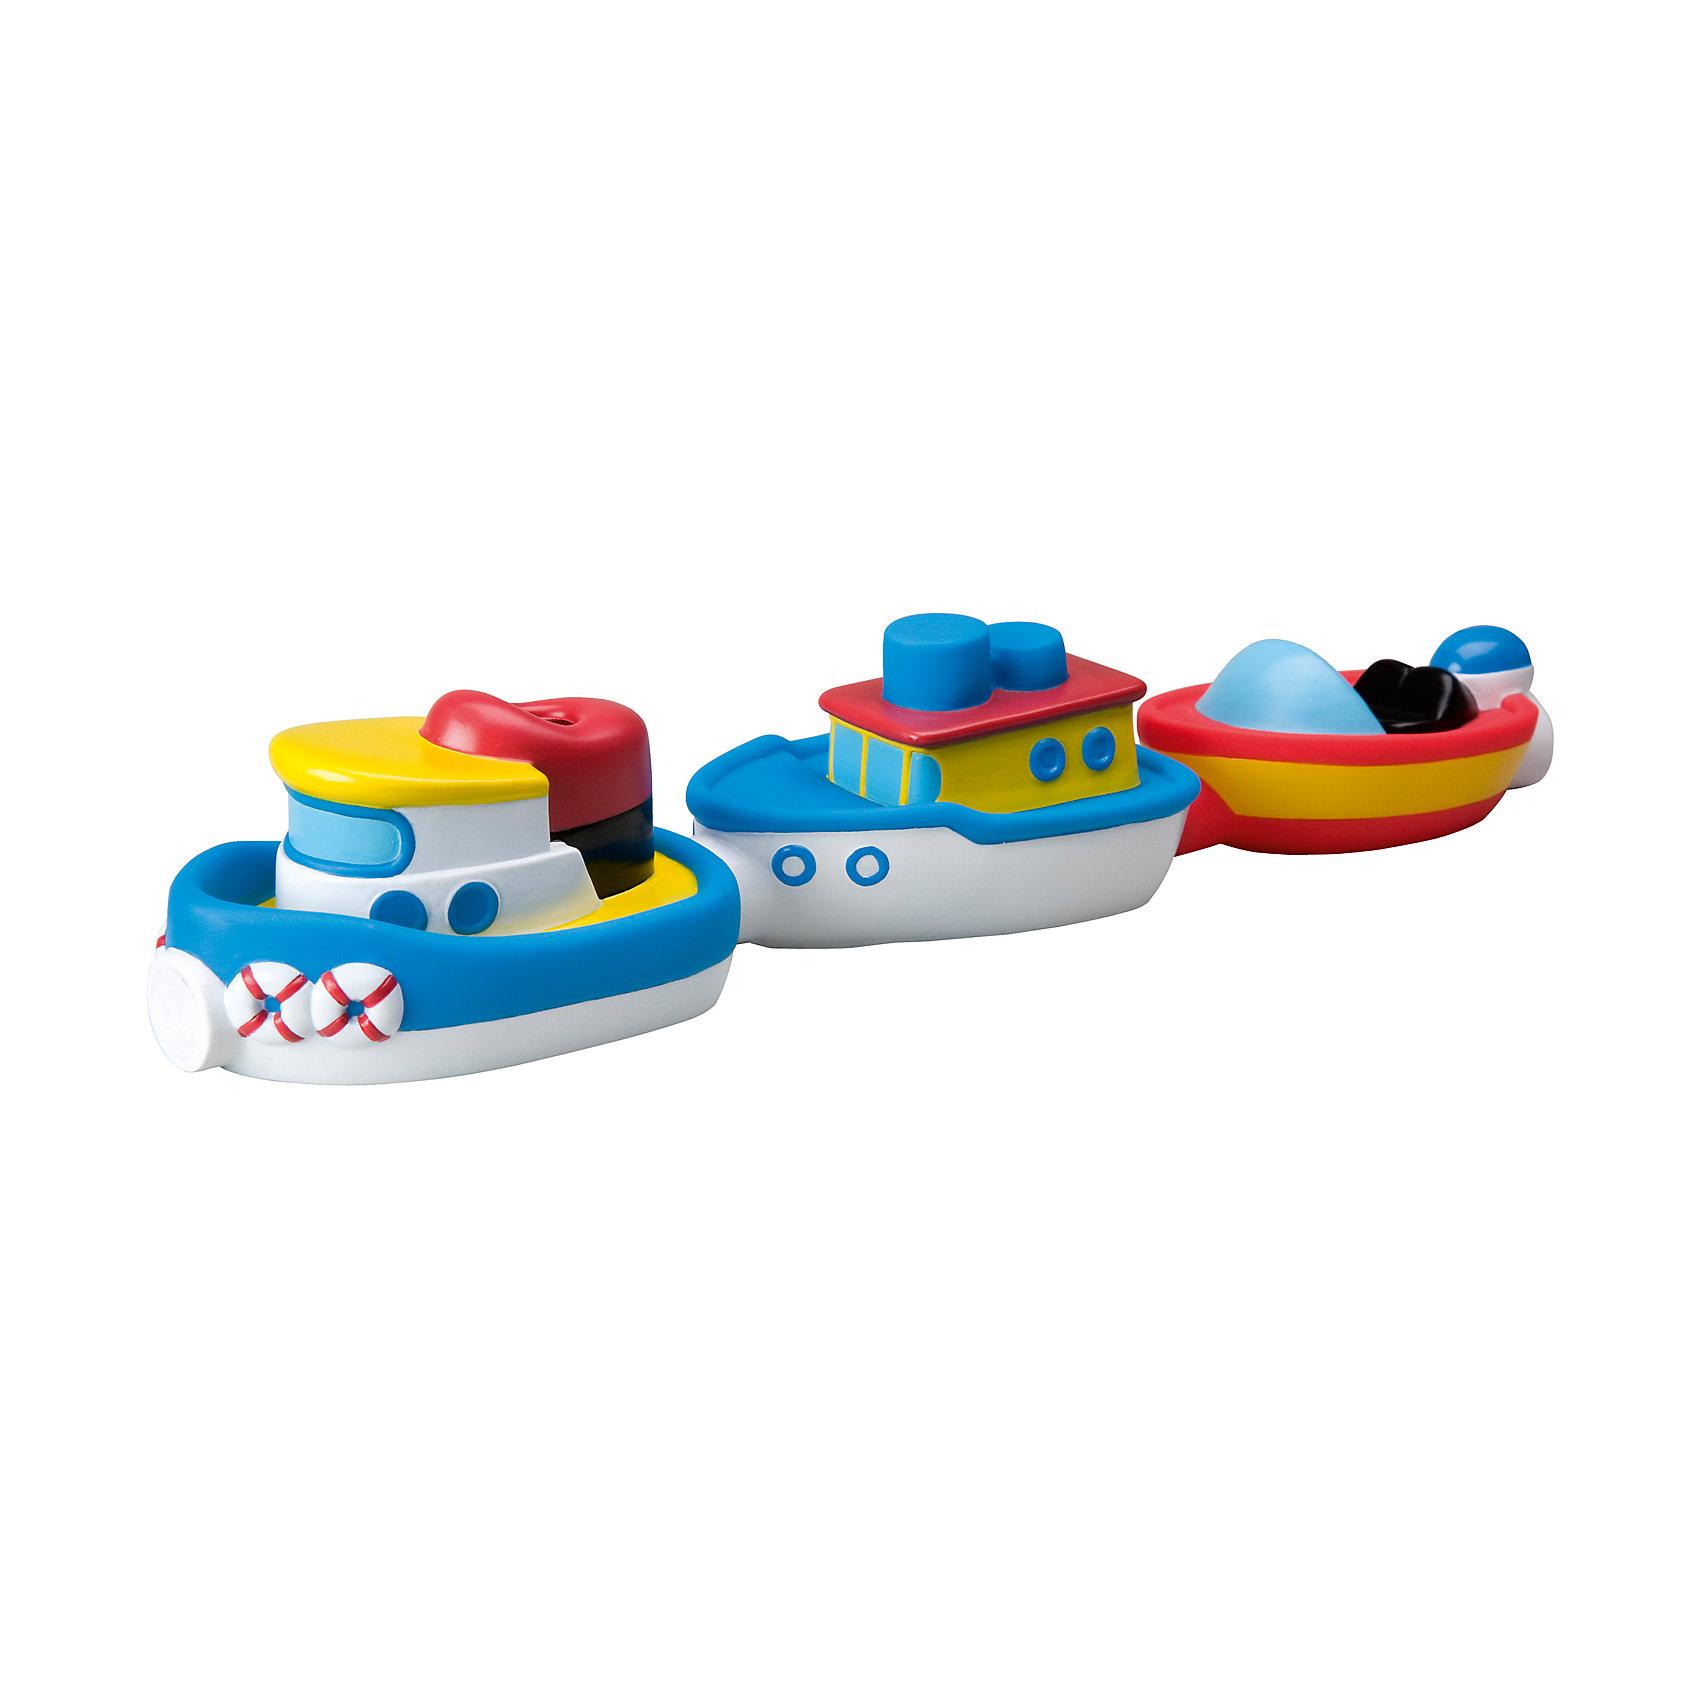 Игрушка для ванны Магнитные лодочки, ALEXИгрушки ПВХ<br>Игрушка для ванны Магнитные лодочки, ALEX (АЛЕКС) - эта забавная игрушка развеселит вашего малыша во время купания.<br>Игрушка для ванны Магнитные лодочки от ALEX (АЛЕКС) привлечет внимание вашего малыша и превратит купание в веселую игру! Ведь с тремя яркими лодочками купаться весело и интересно! Внутри лодочек находится магнит, поэтому они могут прицепляться друг к другу и плавать вместе, как на буксире. Игрушка для ванны Магнитные лодочки развивает воображение, цветовосприятие, мелкую моторику, а также помогает ребенку справиться с боязнью воды.<br><br>Дополнительная информация:<br><br>- В наборе: 3 разноцветные лодочки<br>- Материал: пластик<br>- Размер упаковки: 29,9x10x20,3 см.<br><br>Игрушку для ванны Магнитные лодочки, ALEX (АЛЕКС) можно купить в нашем интернет-магазине.<br><br>Ширина мм: 287<br>Глубина мм: 192<br>Высота мм: 94<br>Вес г: 207<br>Возраст от месяцев: 24<br>Возраст до месяцев: 36<br>Пол: Унисекс<br>Возраст: Детский<br>SKU: 2422330